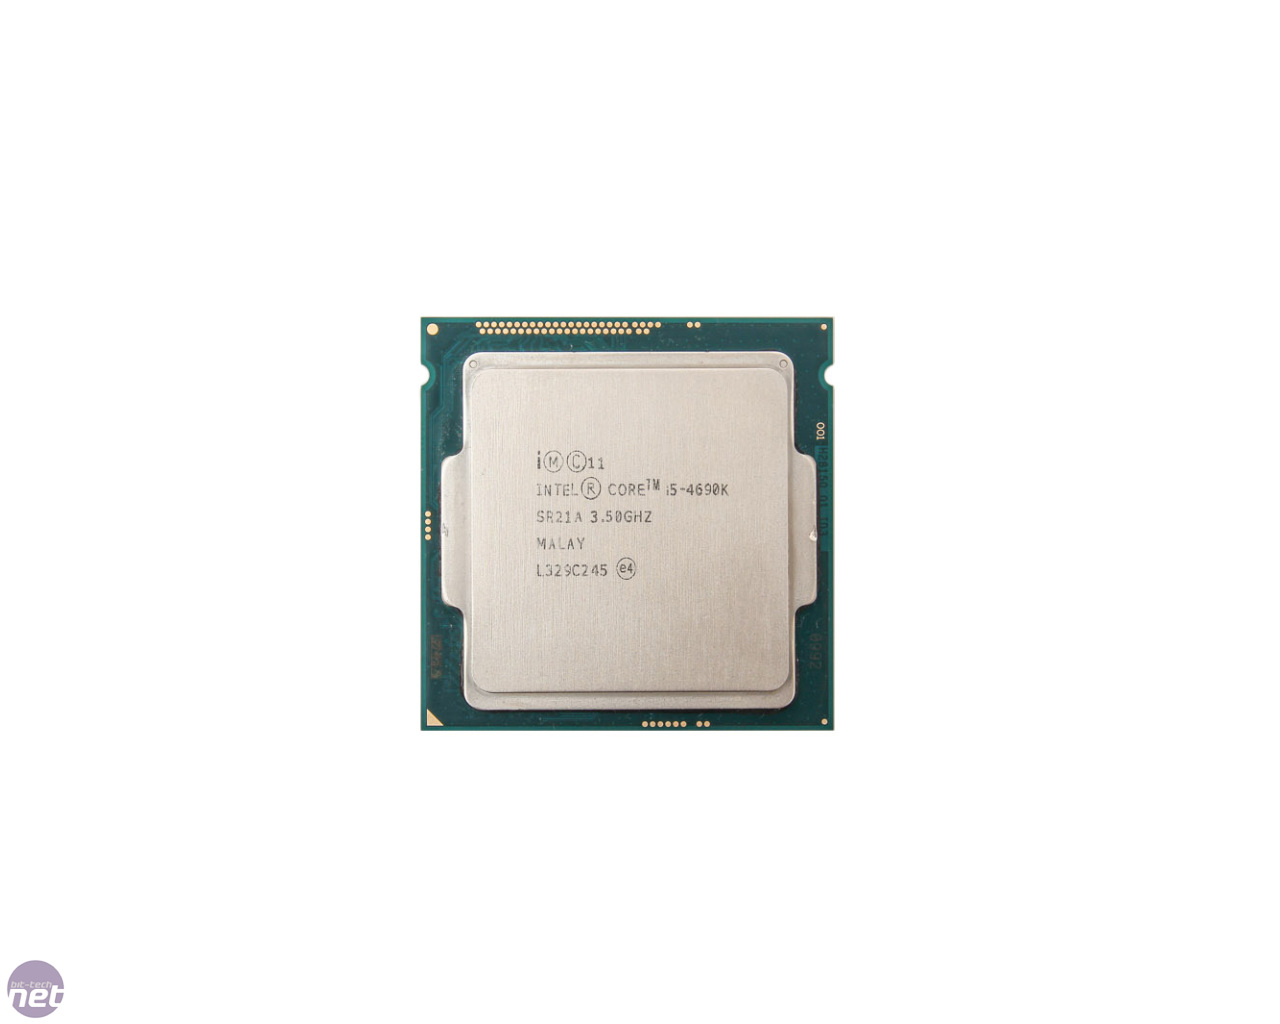 Intel Core i5-4690K (Devil's Canyon) Review | bit-tech net